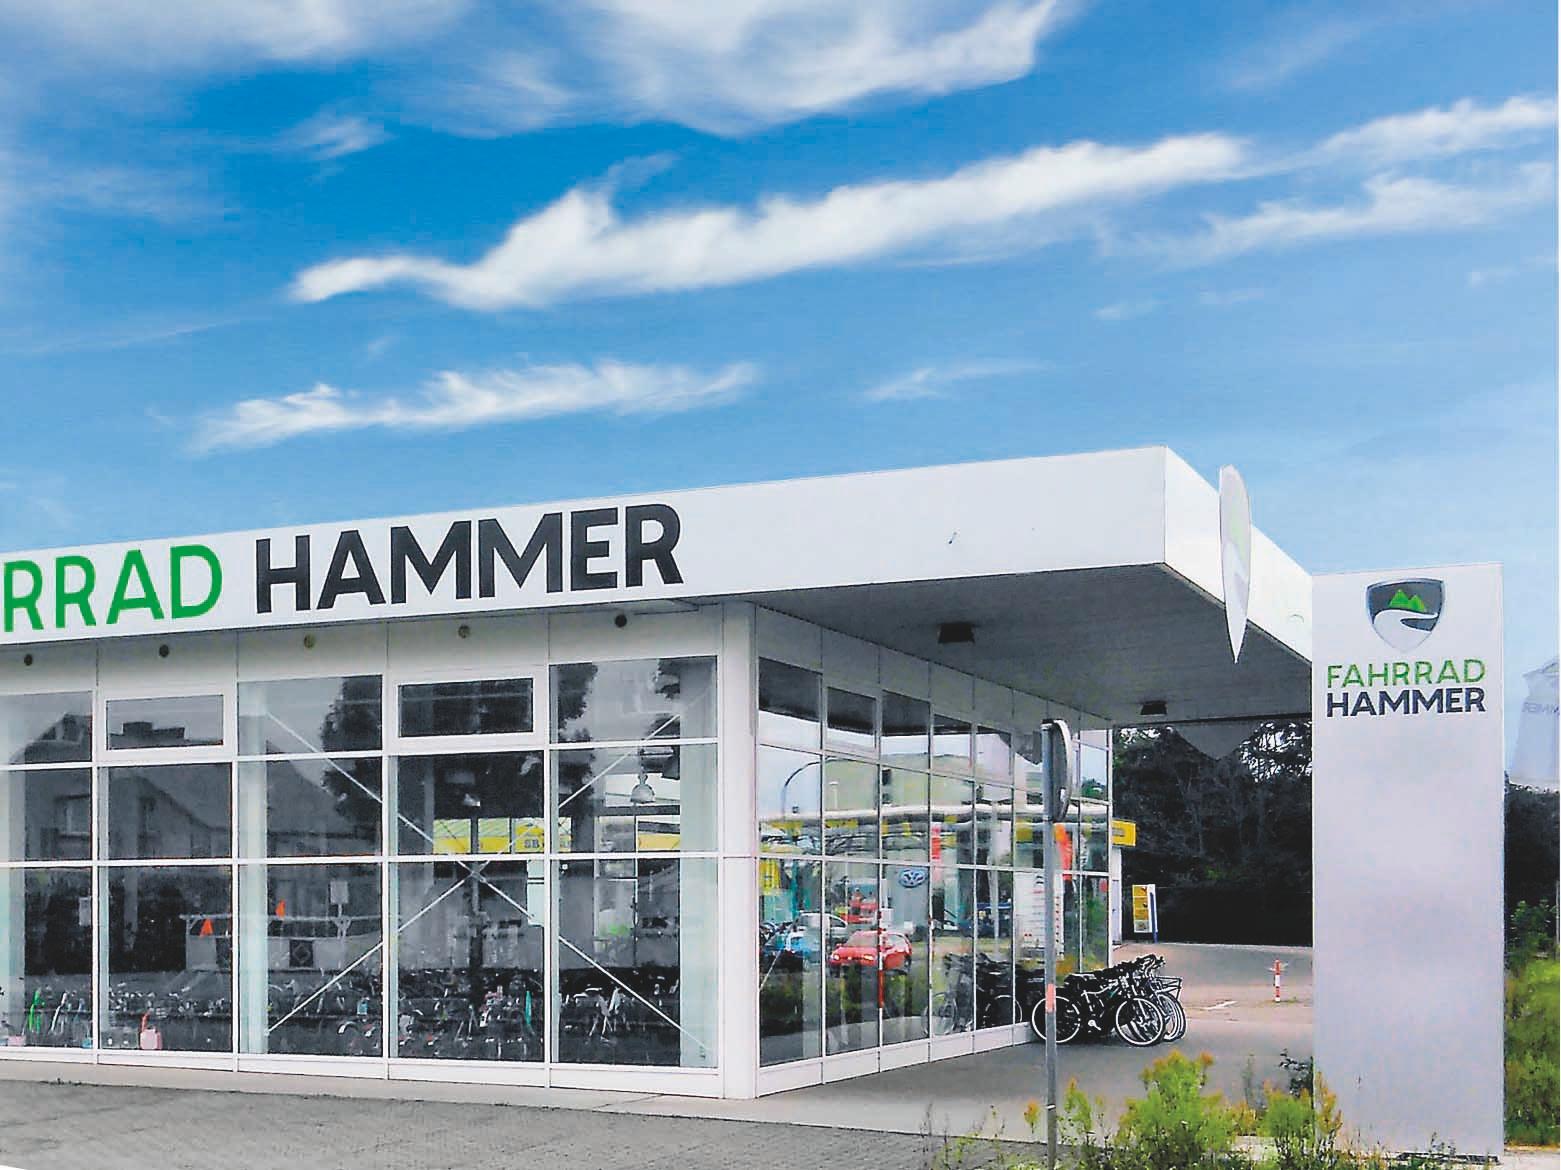 Fahrrad Hammer